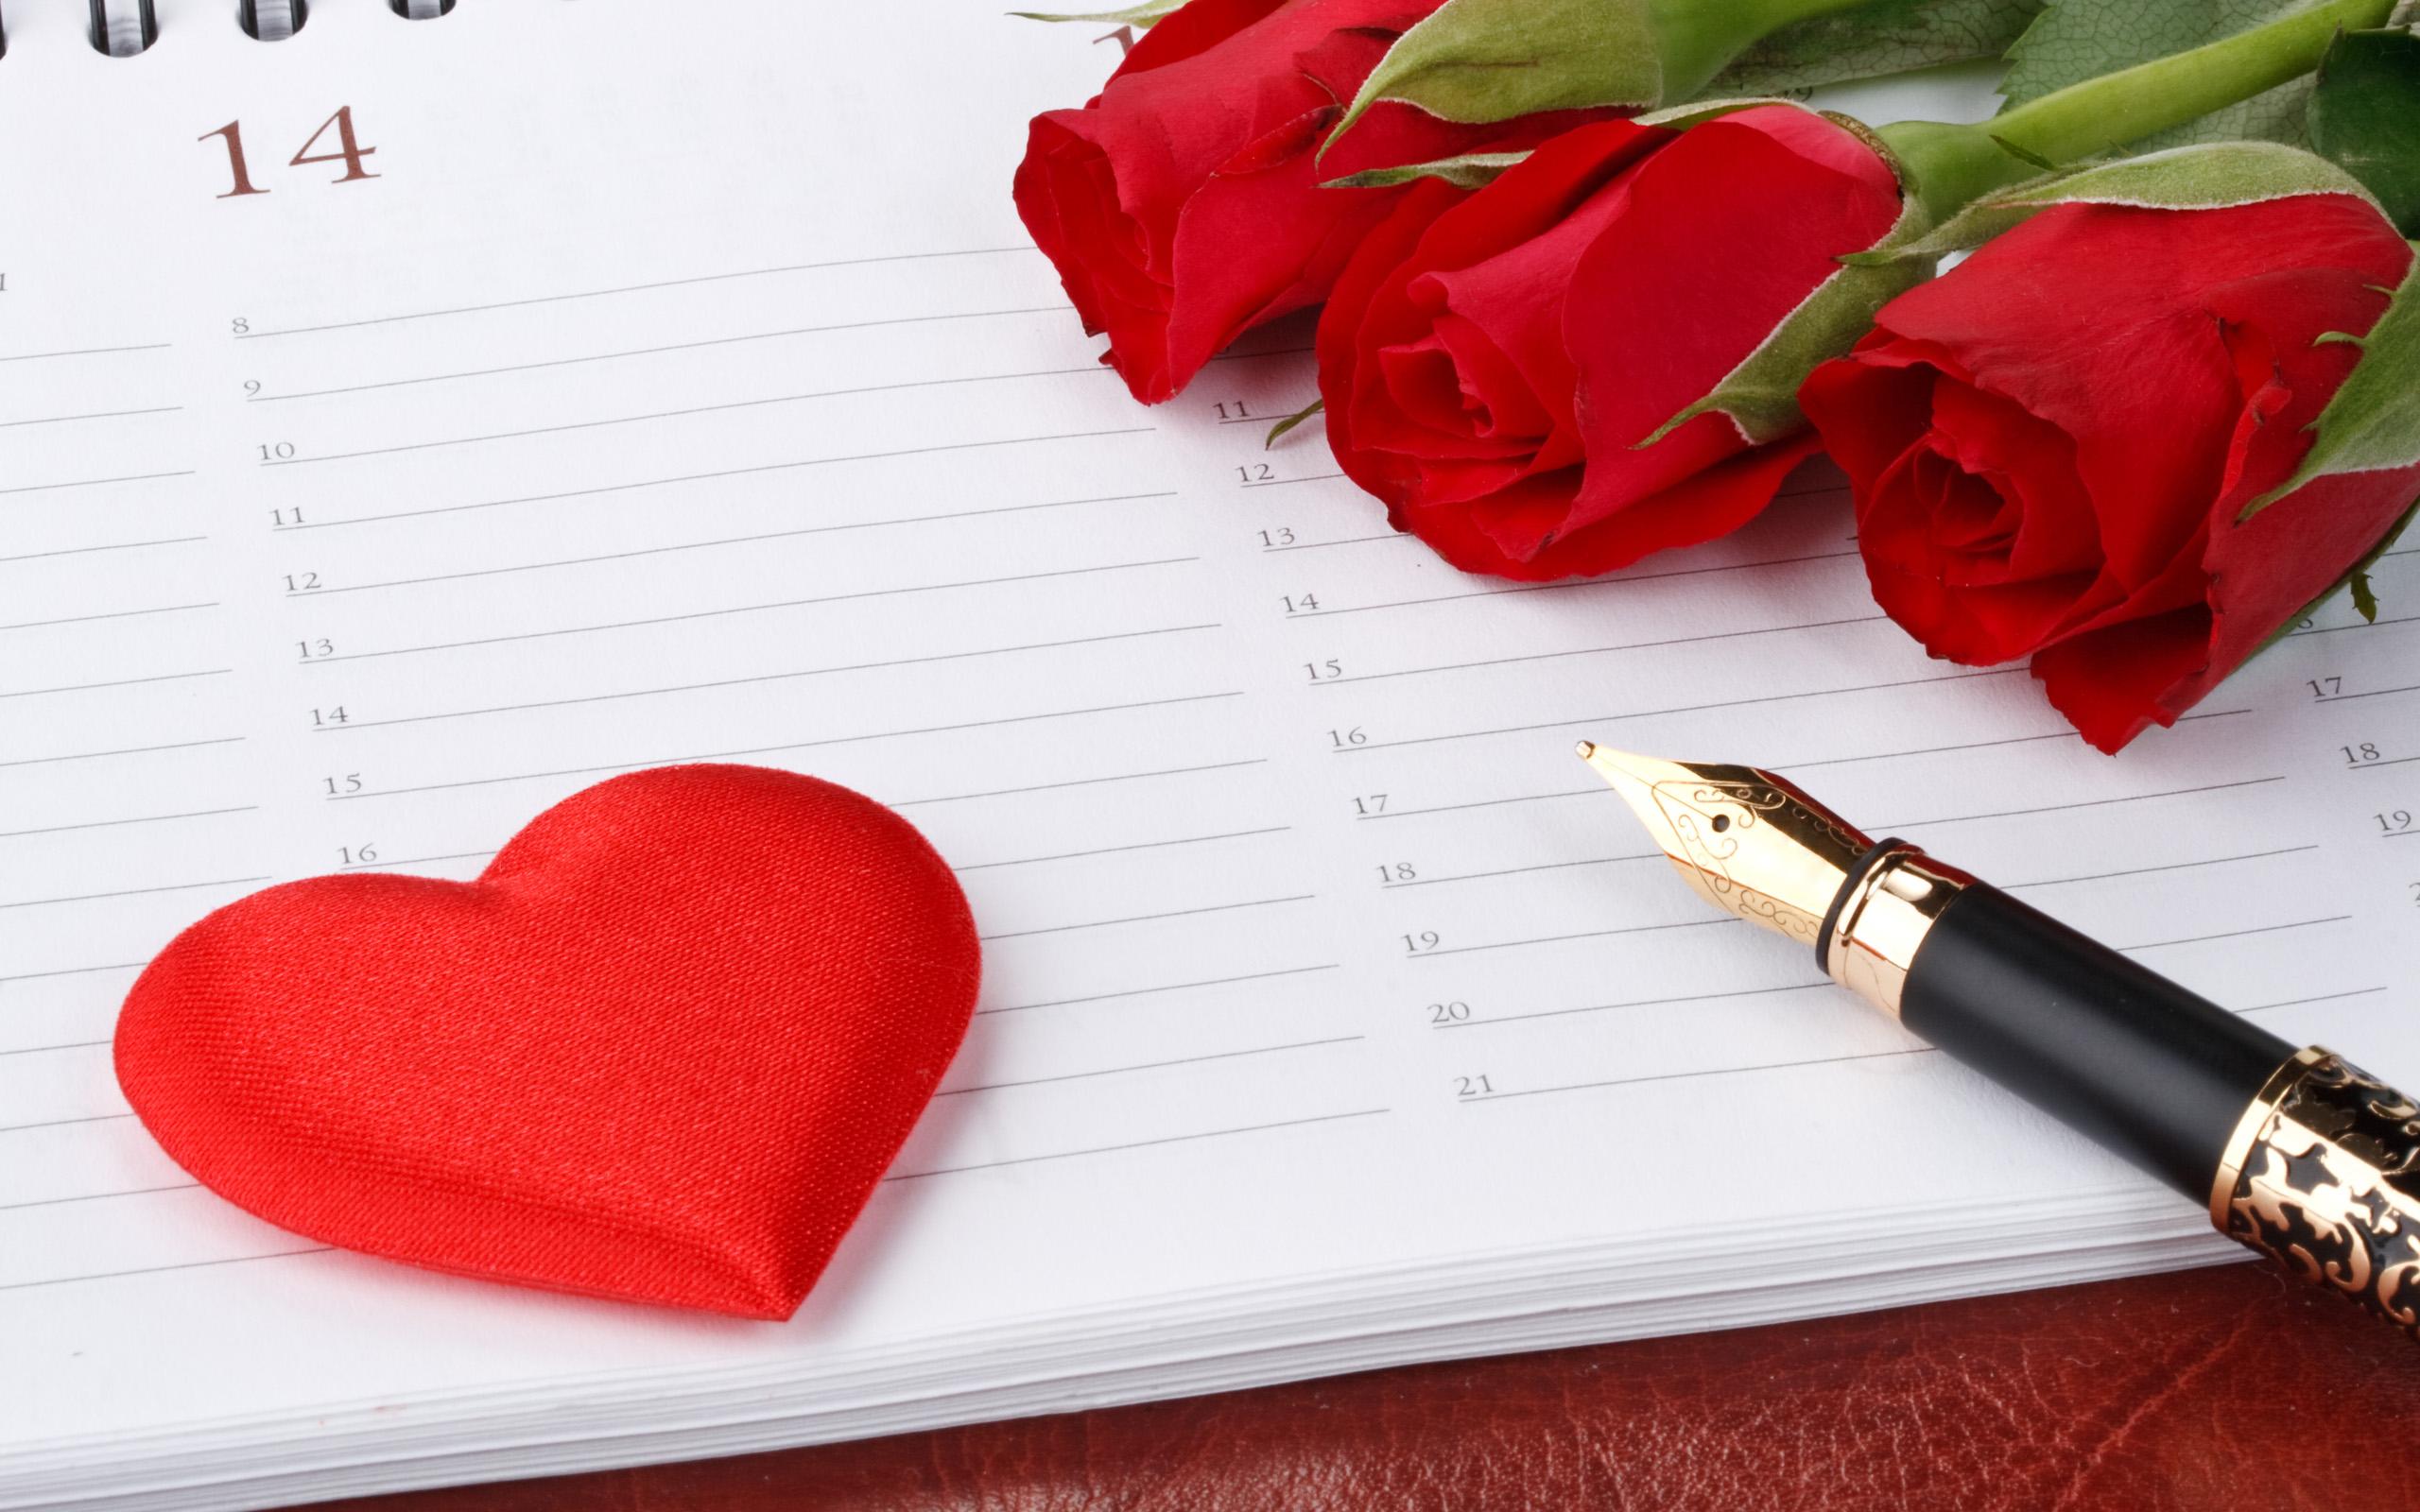 цветы тетрадь листы сердце  № 1351117 бесплатно